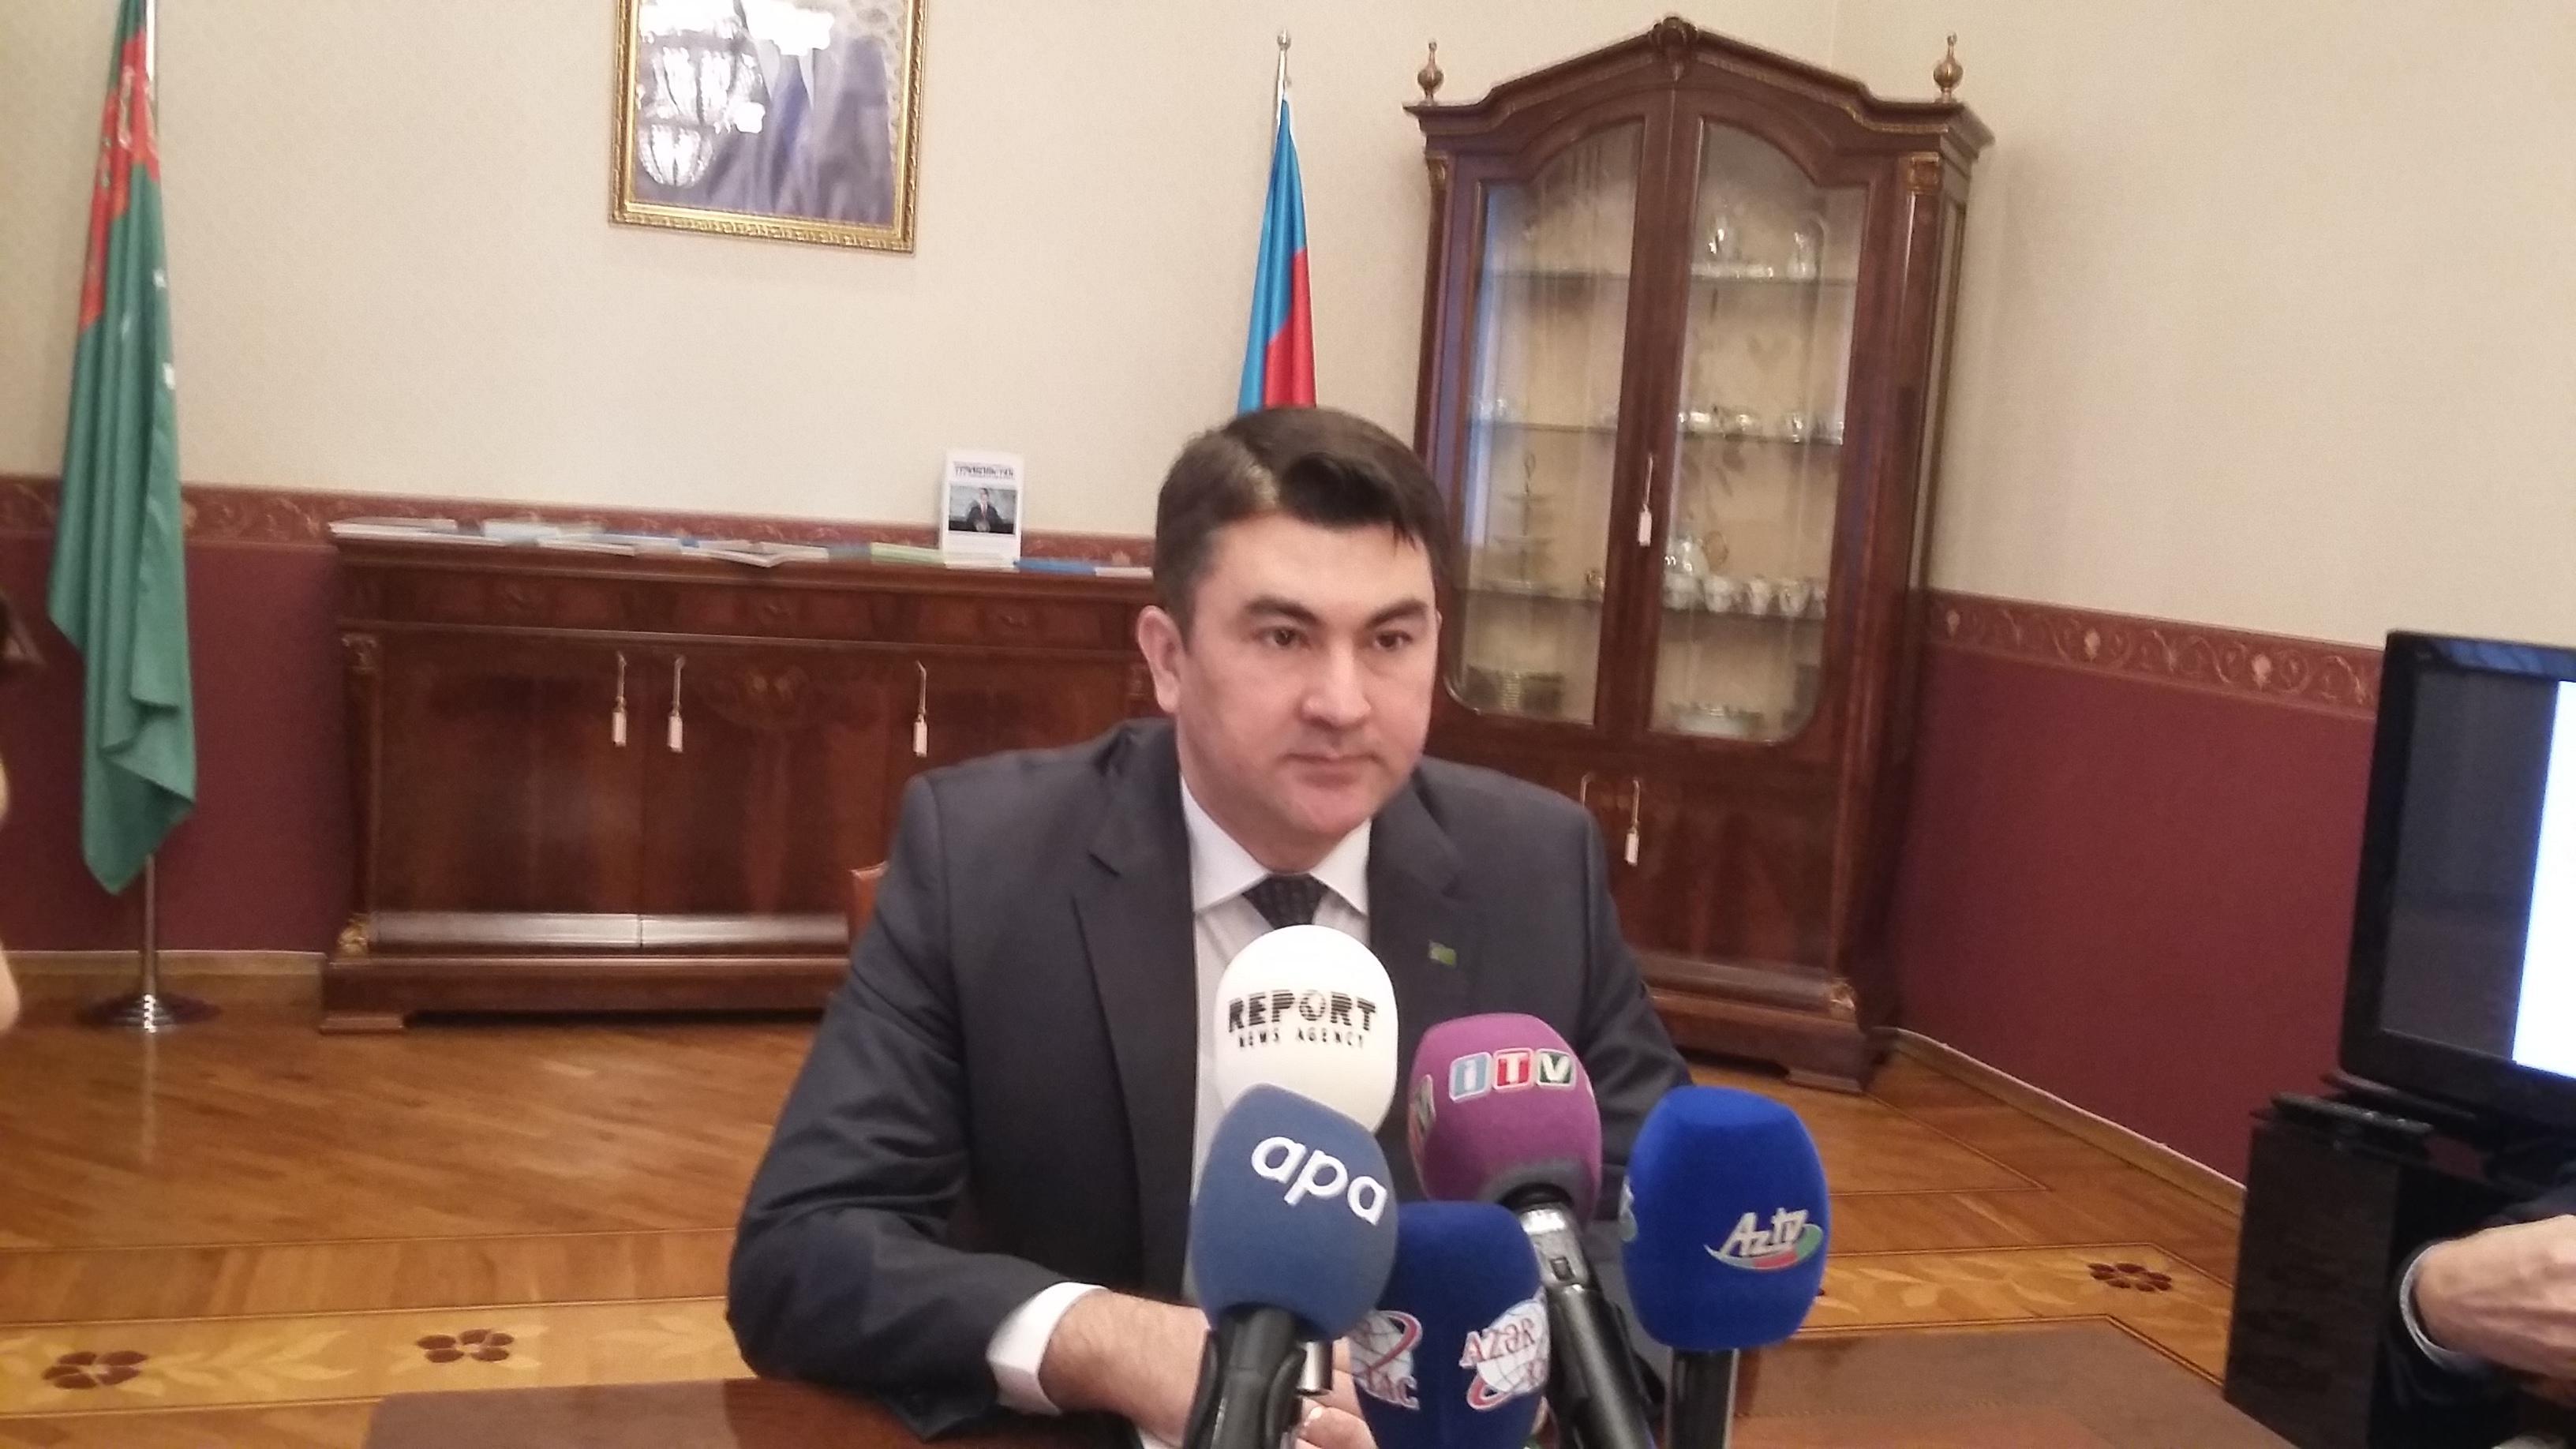 Джавид Гурбанов примет участие на конференции по устойчивой транспортной системе в Туркменистане